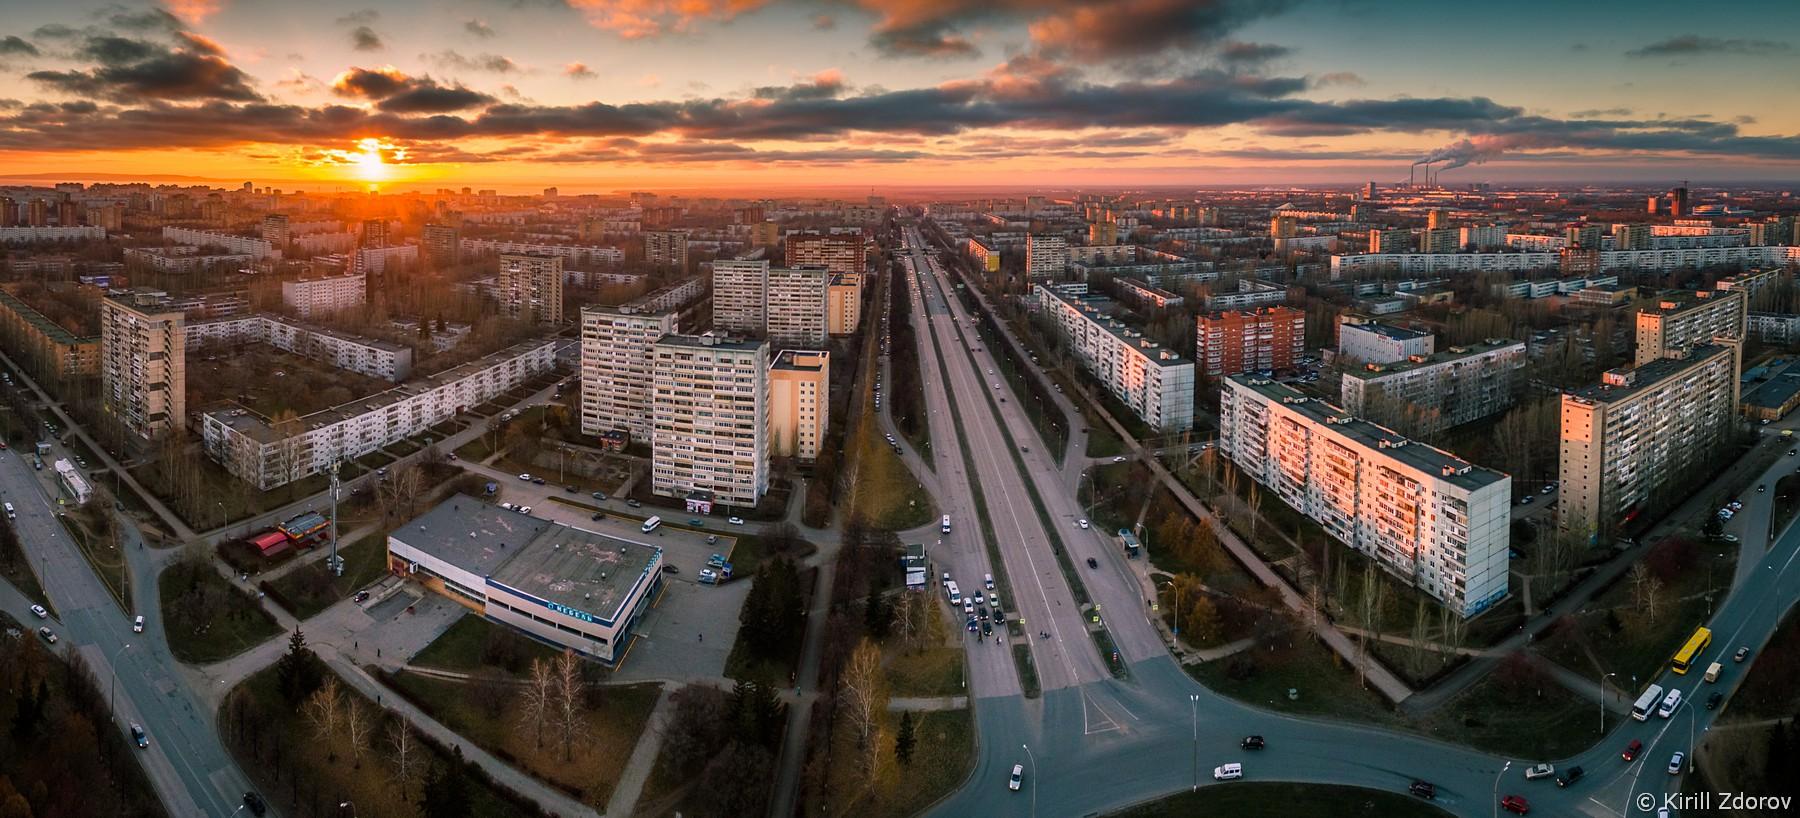 Установка индивидуальных тепловых пунктов по инициативе управляющей компании в Тольятти